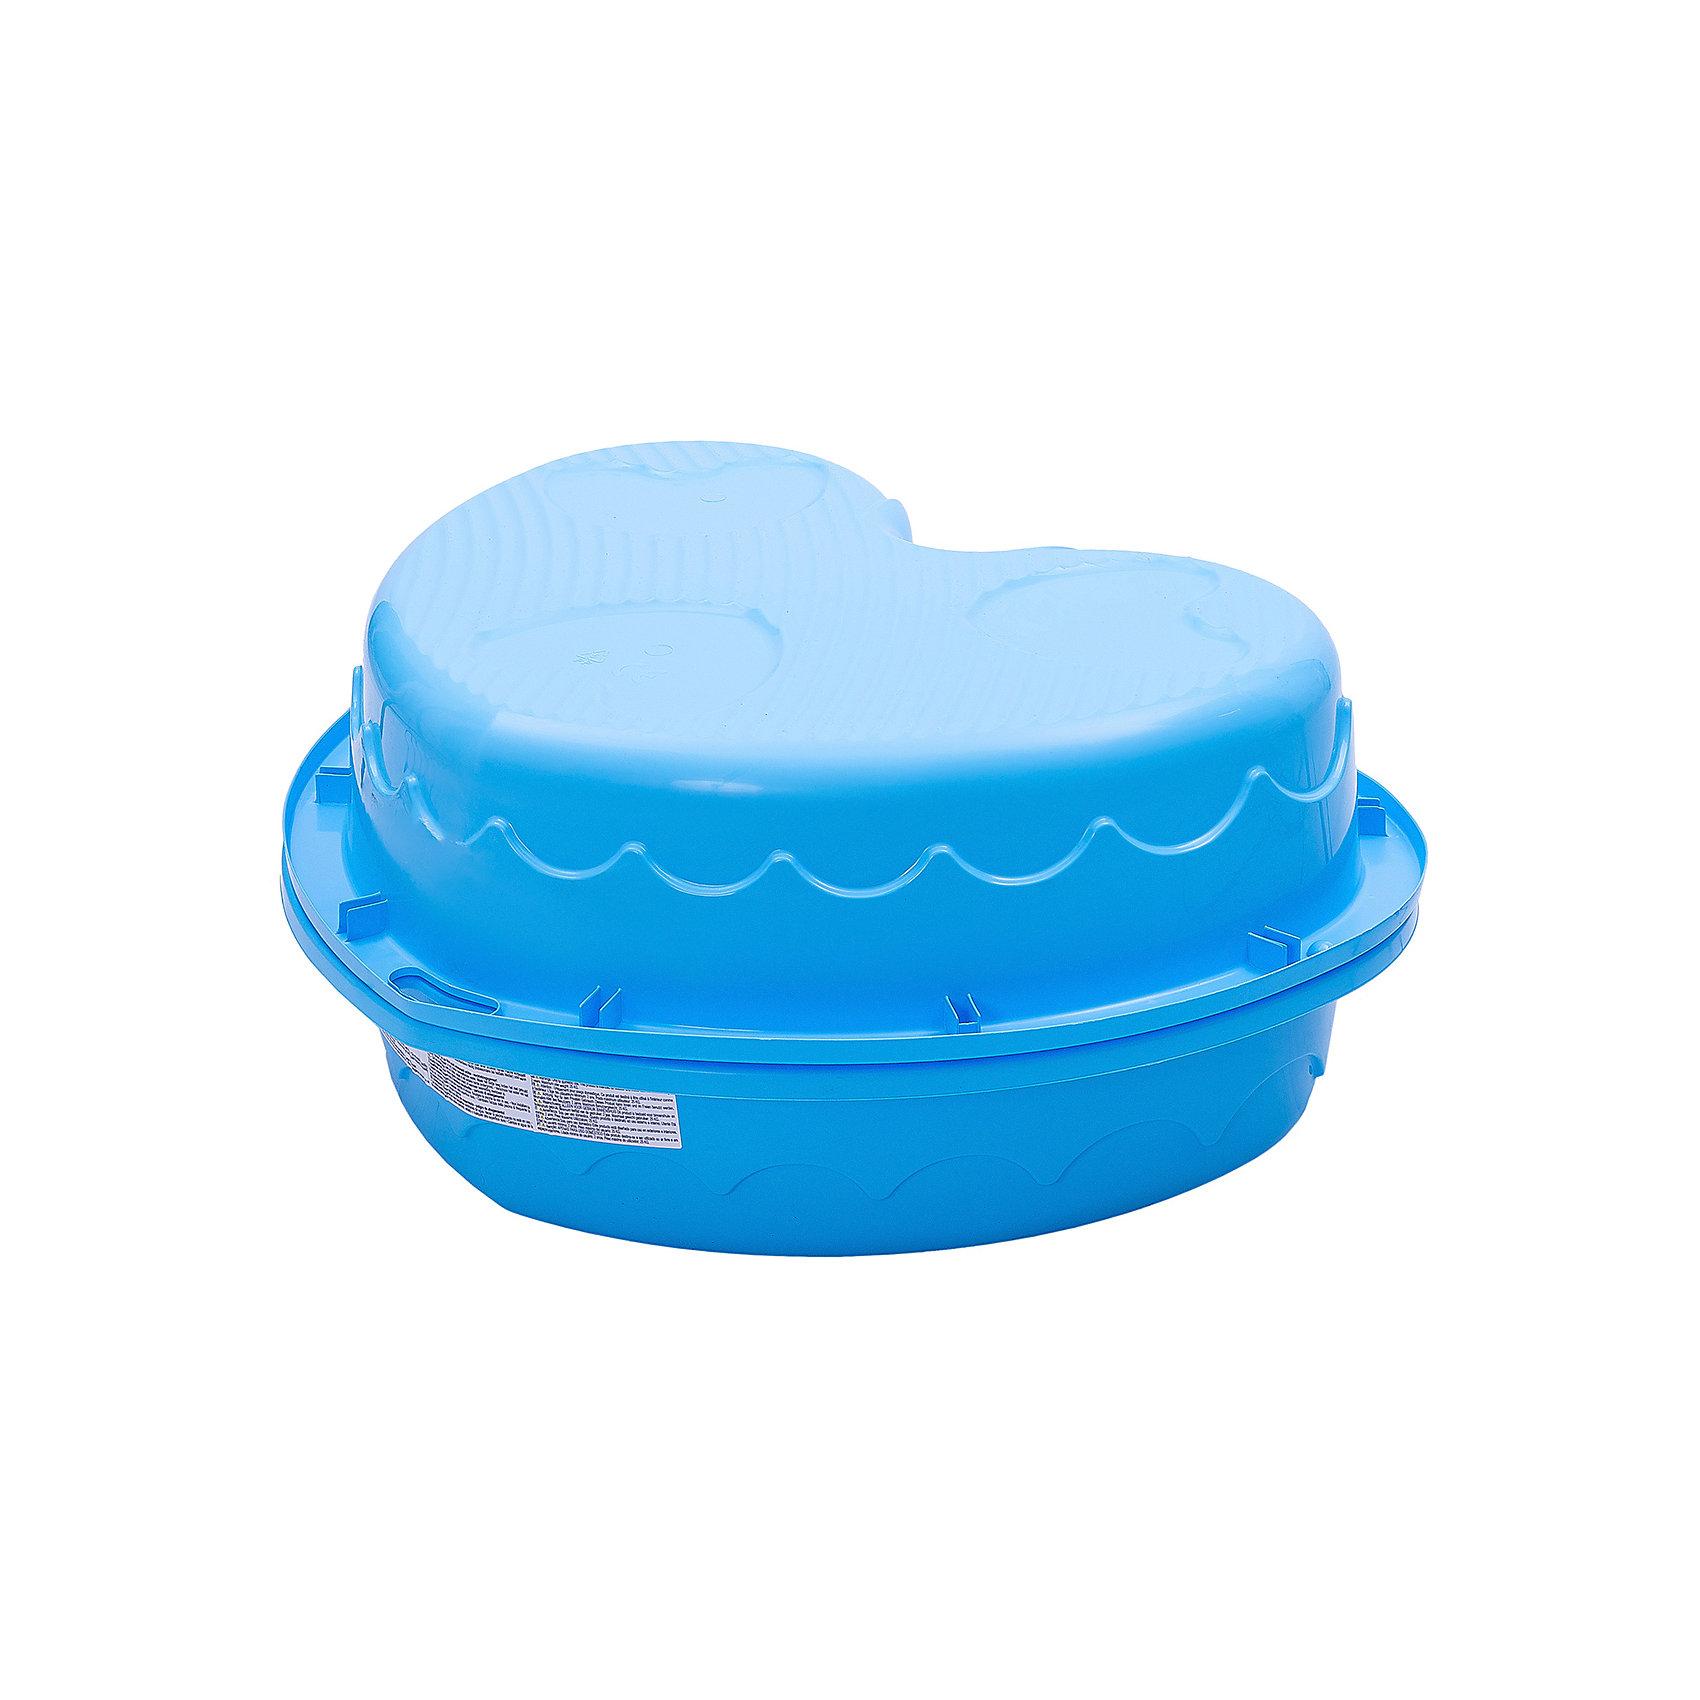 Двойная песочница Сердечко, голубой, MarianplastMarian Plast Песочница-бассейн Сердечко удобна как для игры на улице, так и в закрытом помещении (если наполнить ее специальными шариками – не входят в комплект).<br><br>Песочница состоит из 2-ух частей, что позволяет закрывать ее от дождя. Одну из частей песочницы можно использовать в качестве крышки, которая защитит песочницу от домашних животных, попадания песка и листьев. В песочнице есть 2 сиденья, и Ваш малыш сможет не только играть в песок, но и поплескаться в воде со своими друзьями. <br>Крепежи не идут в комплекте, так как не требуются.<br>Размеры песочницы Сердечко Marian Plast 435 позволяют перевезти ее на любом легковом автомобиле. <br><br>Дополнительная информация:<br>- Размеры: <br>высота бортиков 20 см,<br>в разложенном виде размер песочницы-бассейна 180х79х20 см, высота в сложенном виде - 40 см<br>- Вес - 3,2 кг;<br>- Песочница изготовлена из прочного, нетоксичного, гипоаллергенного пластика<br><br>Песочница - бассейн Сердечко MarianPlast (Марианпласт) отлично подойдет для летнего отдыха Вашего малыша на даче.<br><br>Ширина мм: 905<br>Глубина мм: 790<br>Высота мм: 400<br>Вес г: 3160<br>Возраст от месяцев: 144<br>Возраст до месяцев: 60<br>Пол: Унисекс<br>Возраст: Детский<br>SKU: 4055317